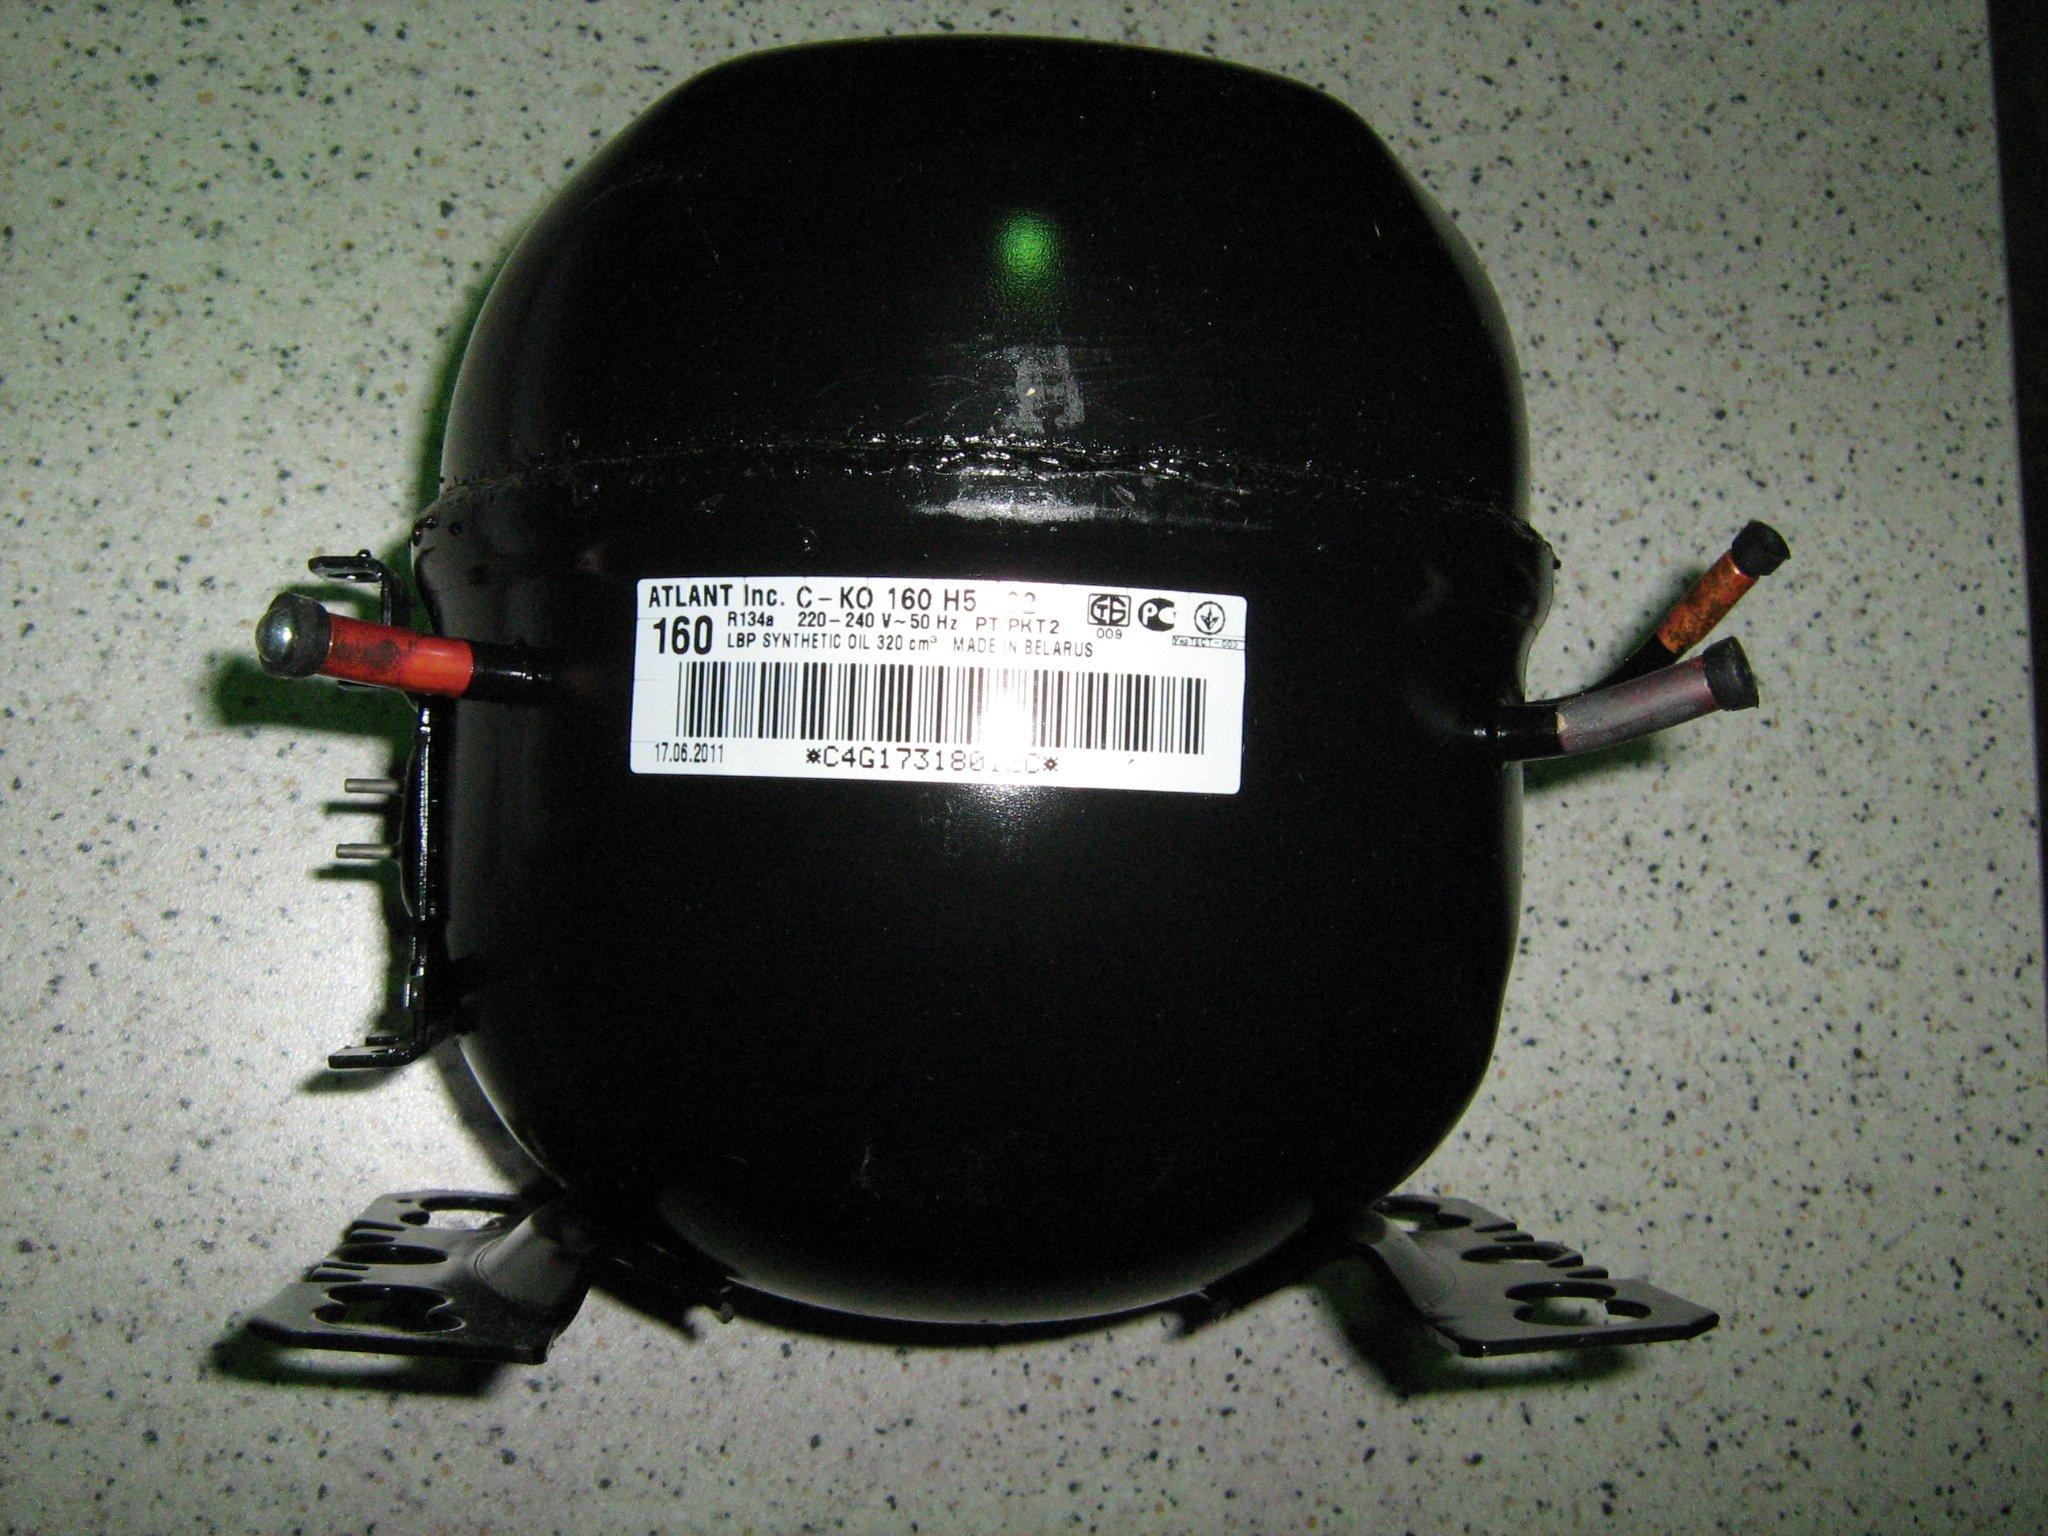 069744103303_-kompressor_s-ko160h5-02_-_2550rub